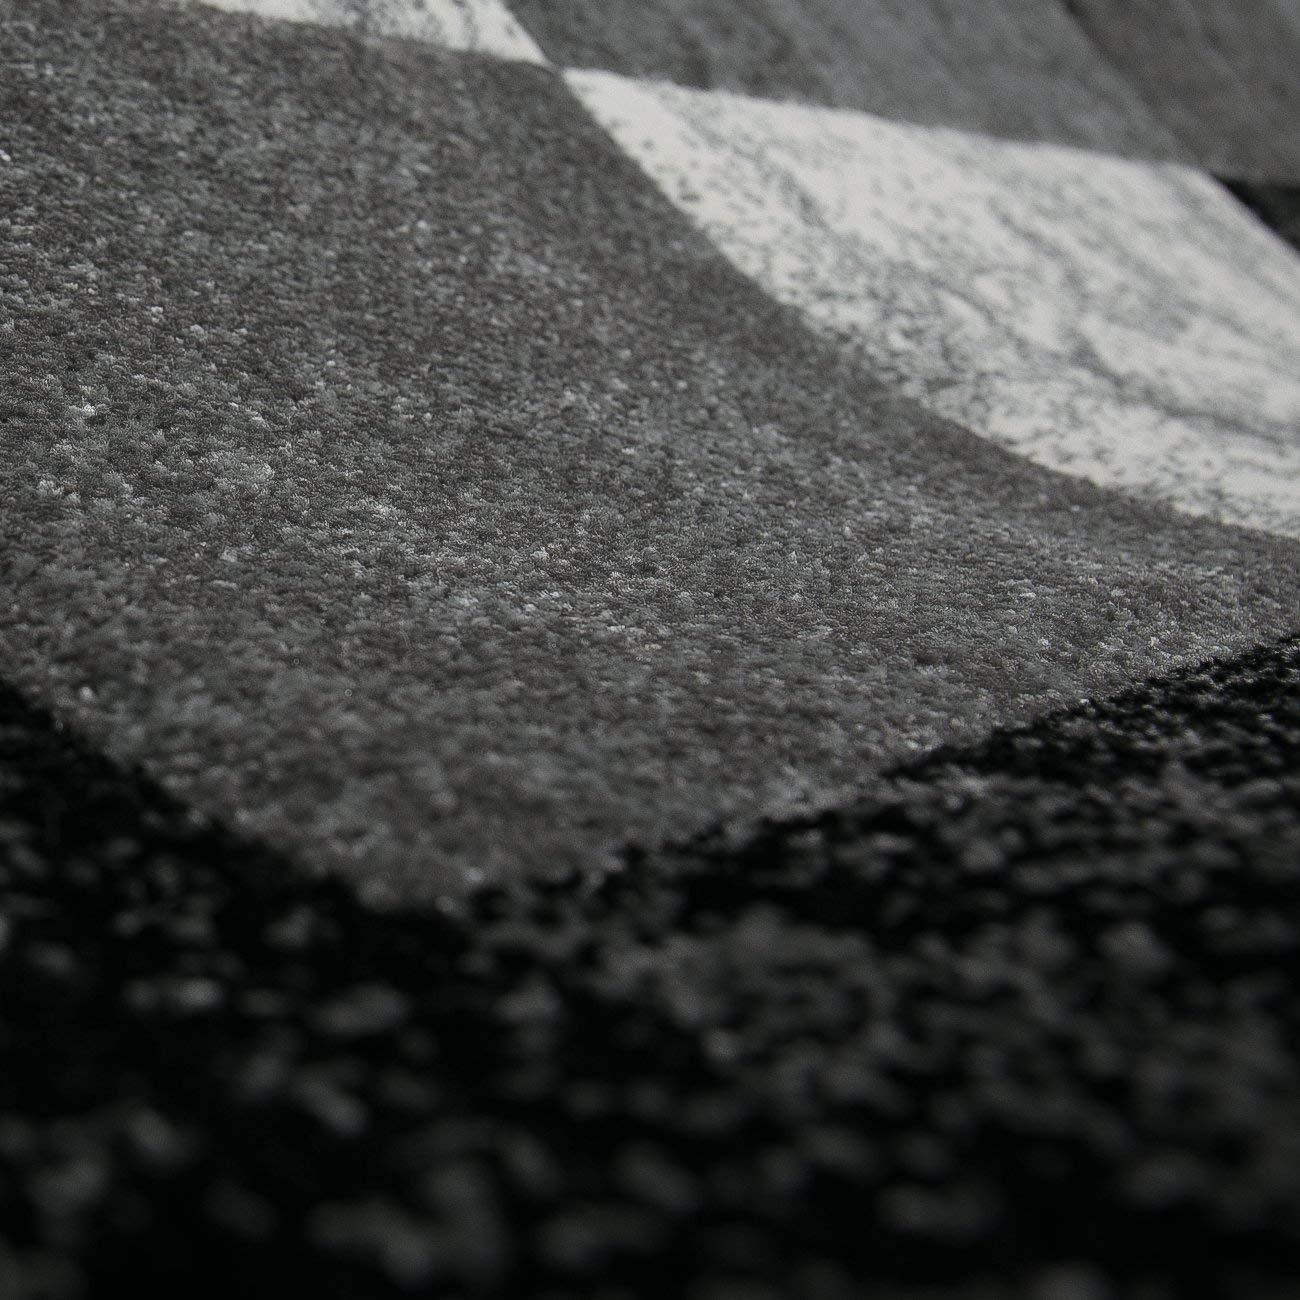 VIMODA Wohnzimmer Teppich Teppich Teppich Modern Schwarz Rot Grau Marmor Stein Optik Velours, Maße 120x170 cm B01NCOLKLA Teppiche 014cf7